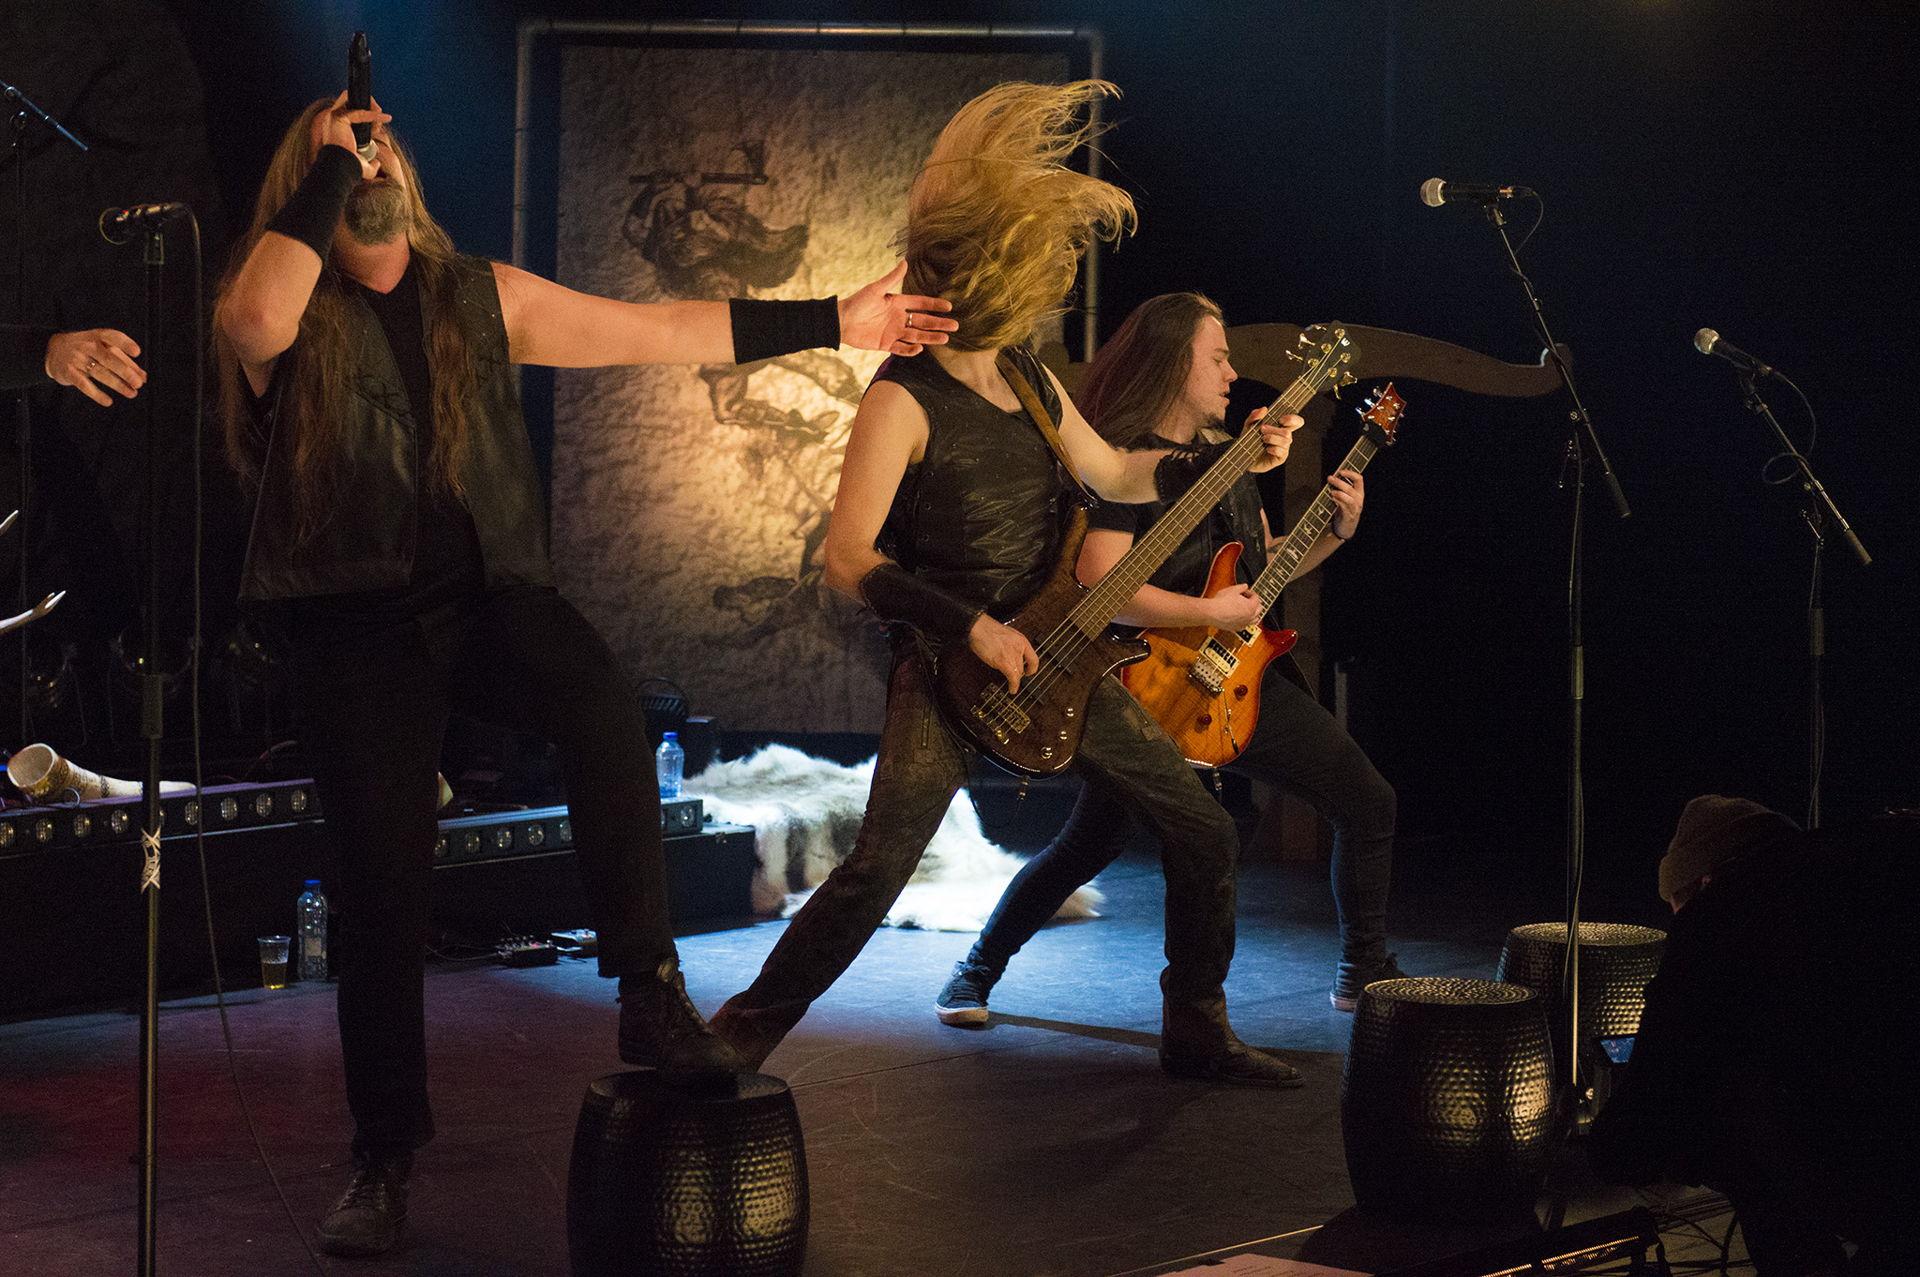 Heidevolk speelde op Locked & Live in Theater De Tamboer.